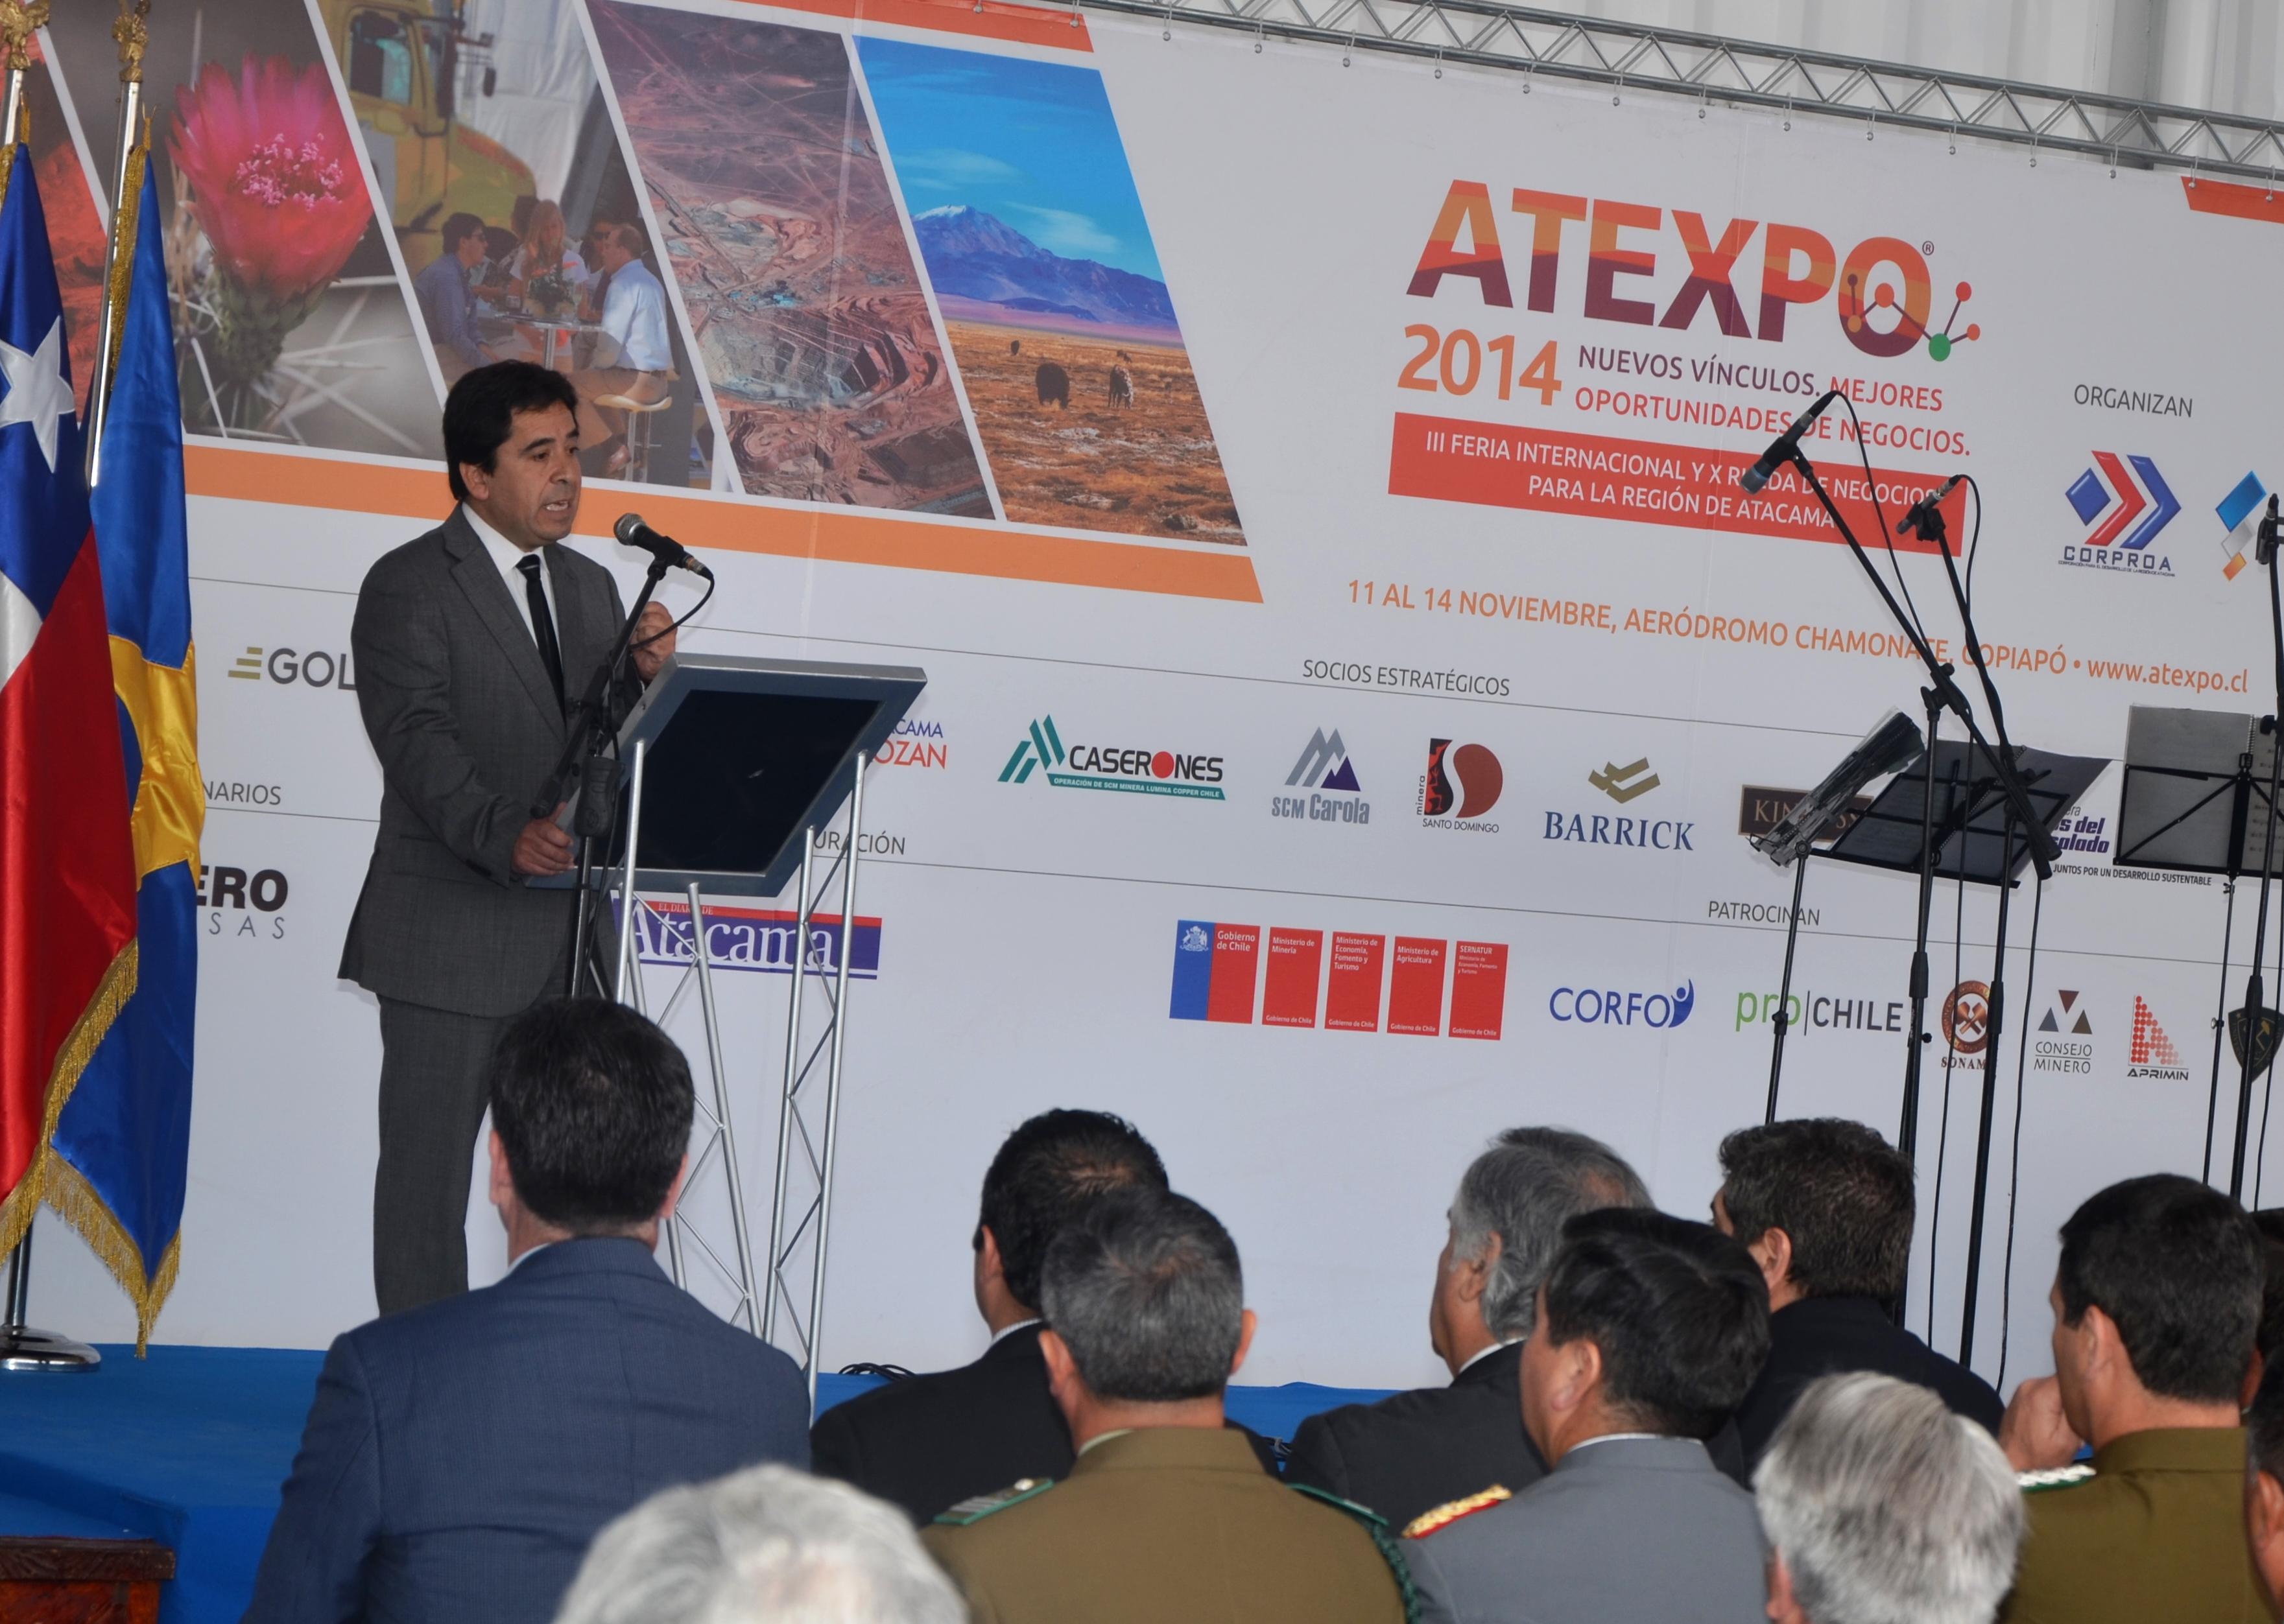 """Intendente en Atexpo: """"Atacama es y seguirá siendo la región con mayores oportunidades para invertir en Chile"""""""